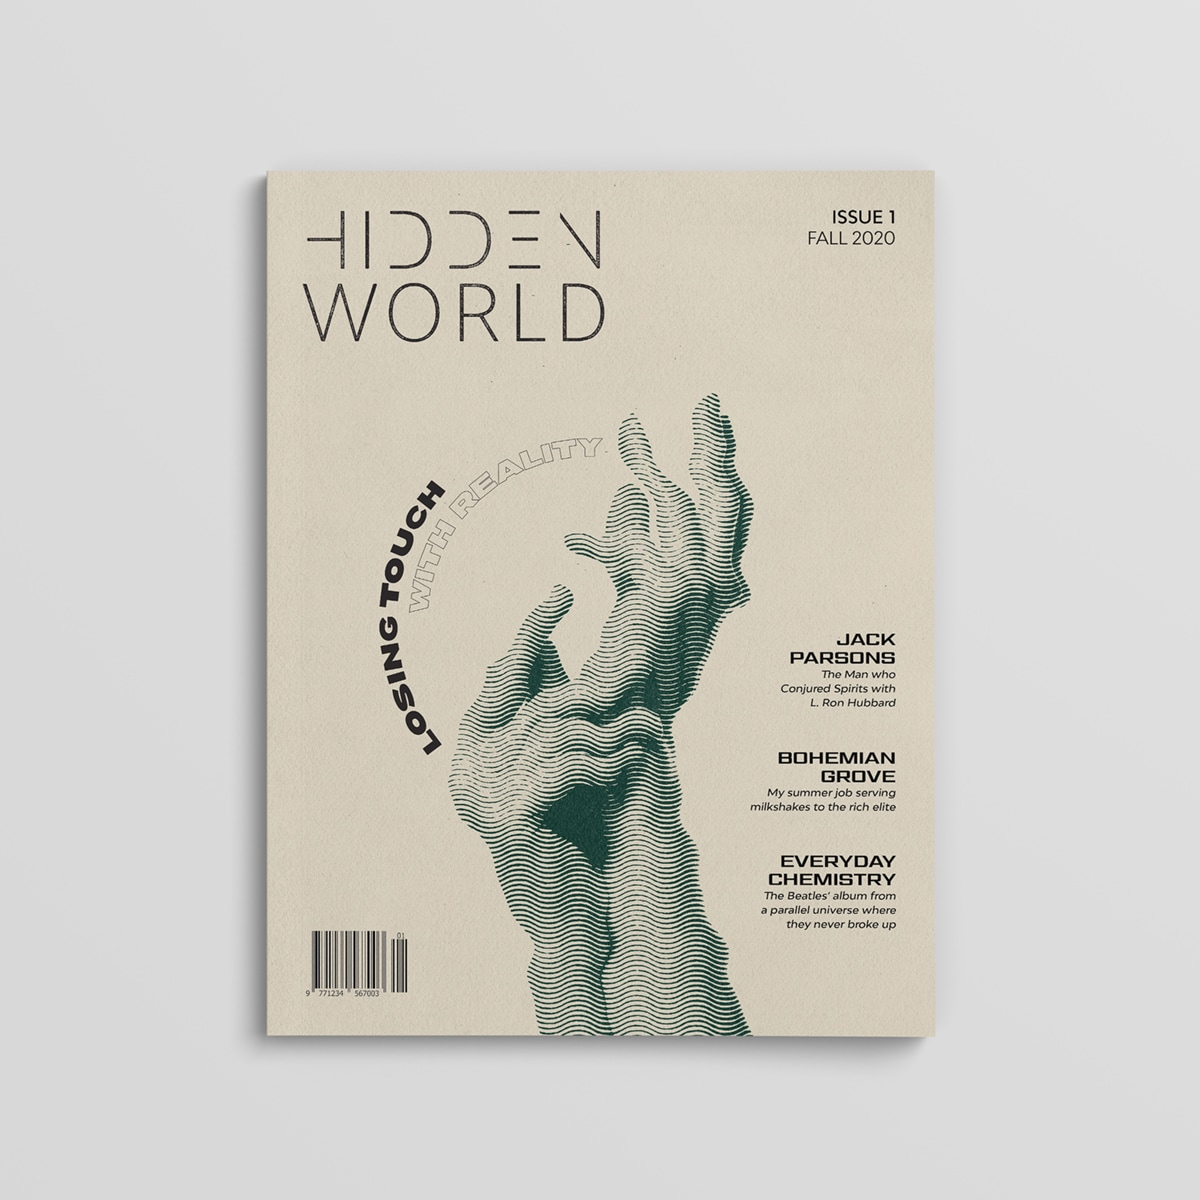 Hidden World Magazine